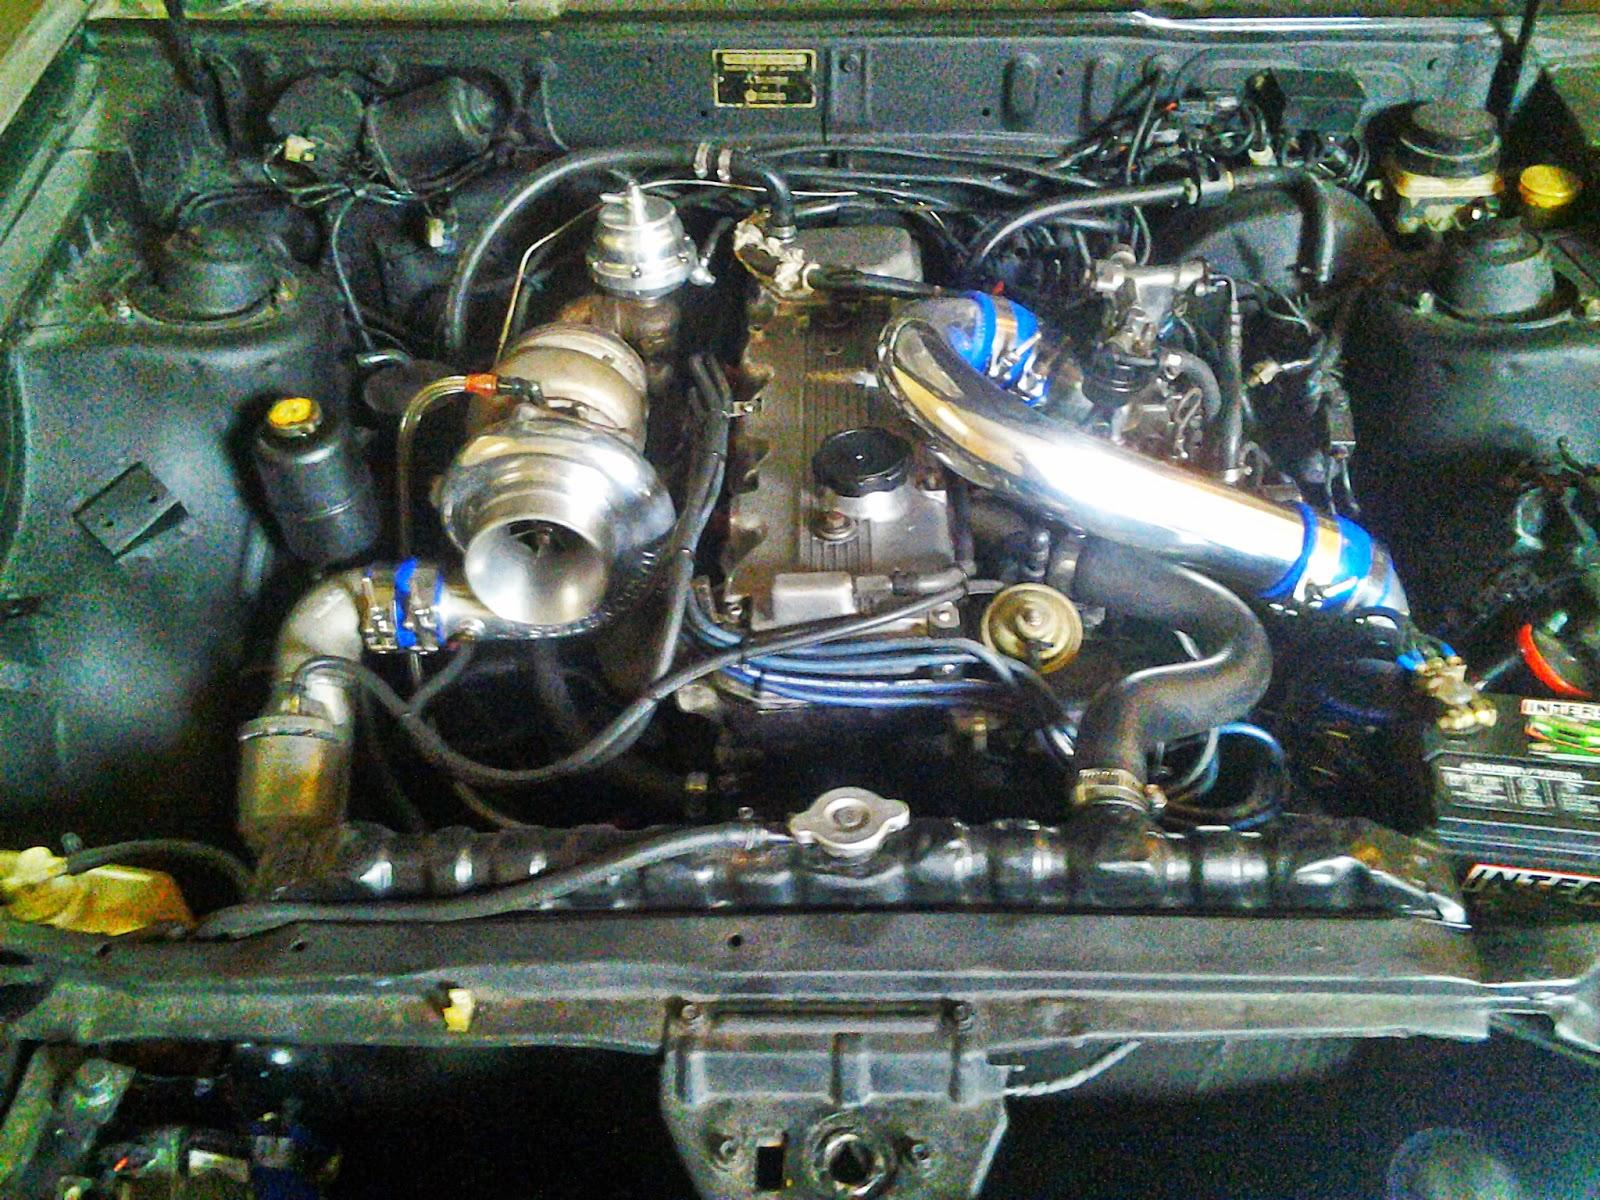 Updates on my 1986 Mitsubishi Starion ~黒豪気 Kuro Gouki (2013)